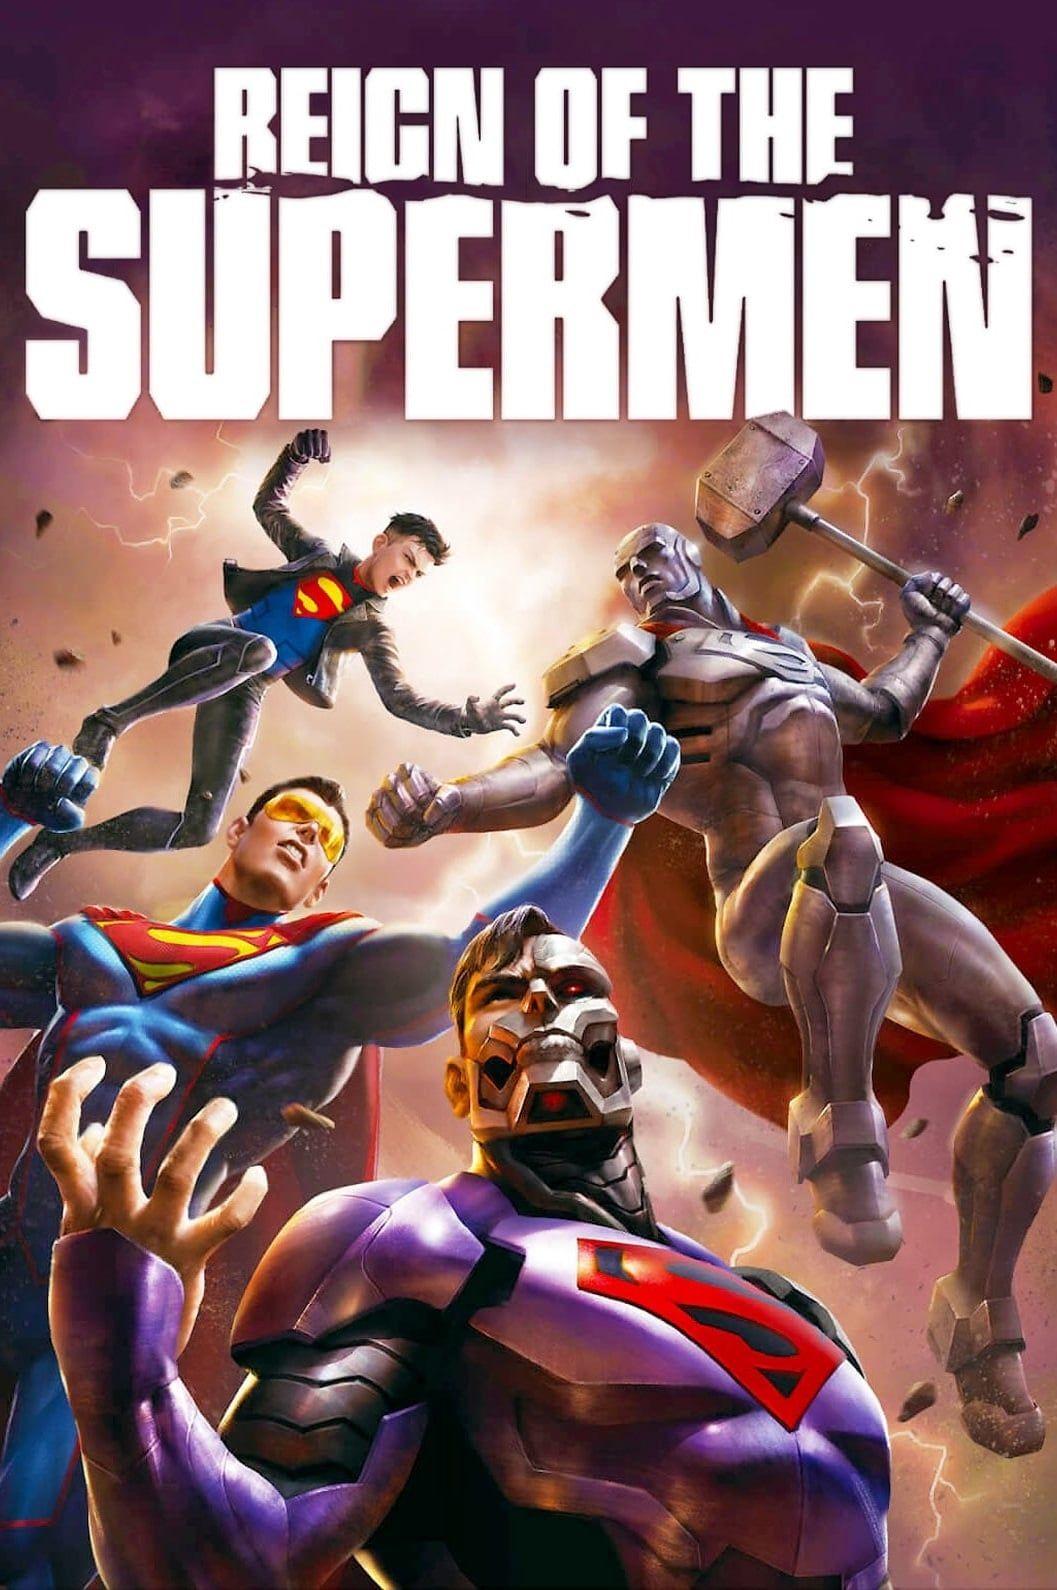 ดูหนัง ดูหนังออนไลน์ Reign of the Supermen (2019) ดูหนังออนไลน์ฟรี ดูหนังฟรี HD ชัด ดูหนังใหม่ชนโรง หนังใหม่ล่าสุด เต็มเรื่อง มาสเตอร์ พากย์ไทย ซาวด์แทร็ก ซับไทย หนังซูม หนังแอคชั่น หนังผจญภัย หนังแอนนิเมชั่น หนัง HD ได้ที่ movie24x.com